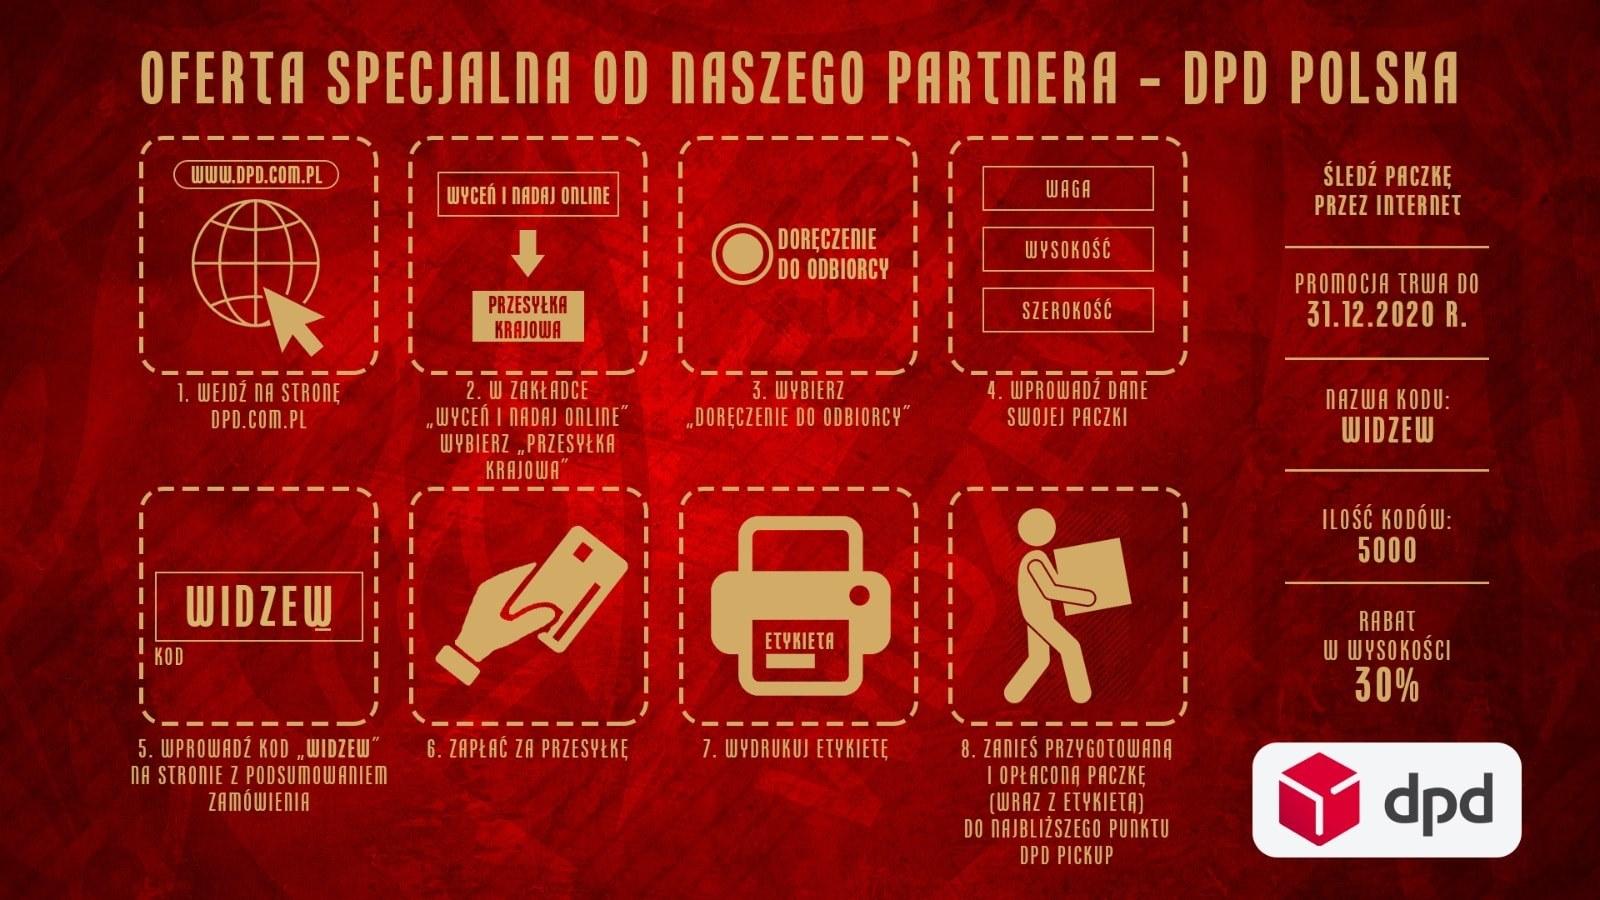 Zniżka 30% na nadanie paczki w DPD Polska